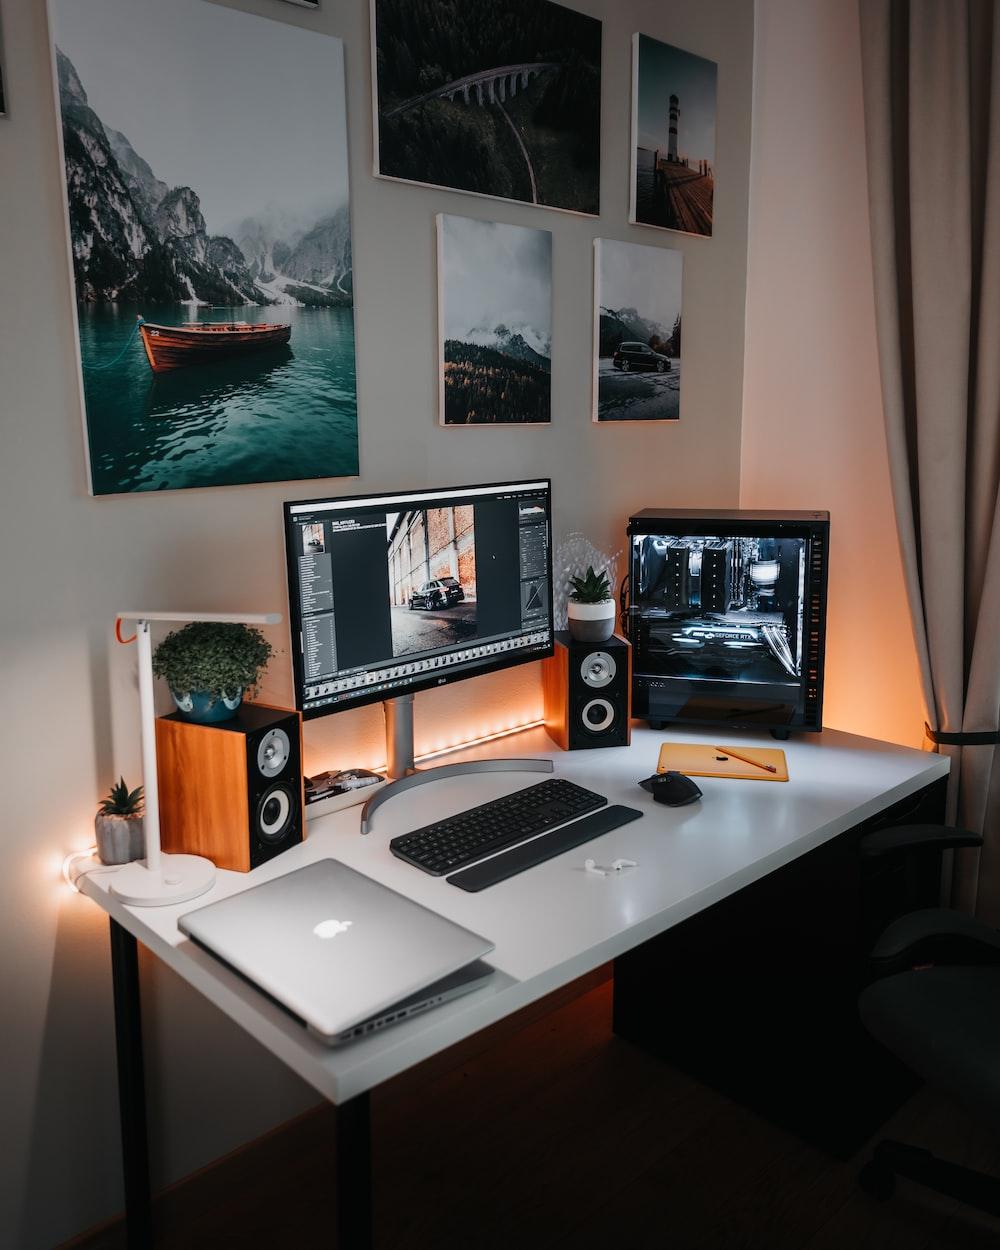 macbook pro on brown wooden desk